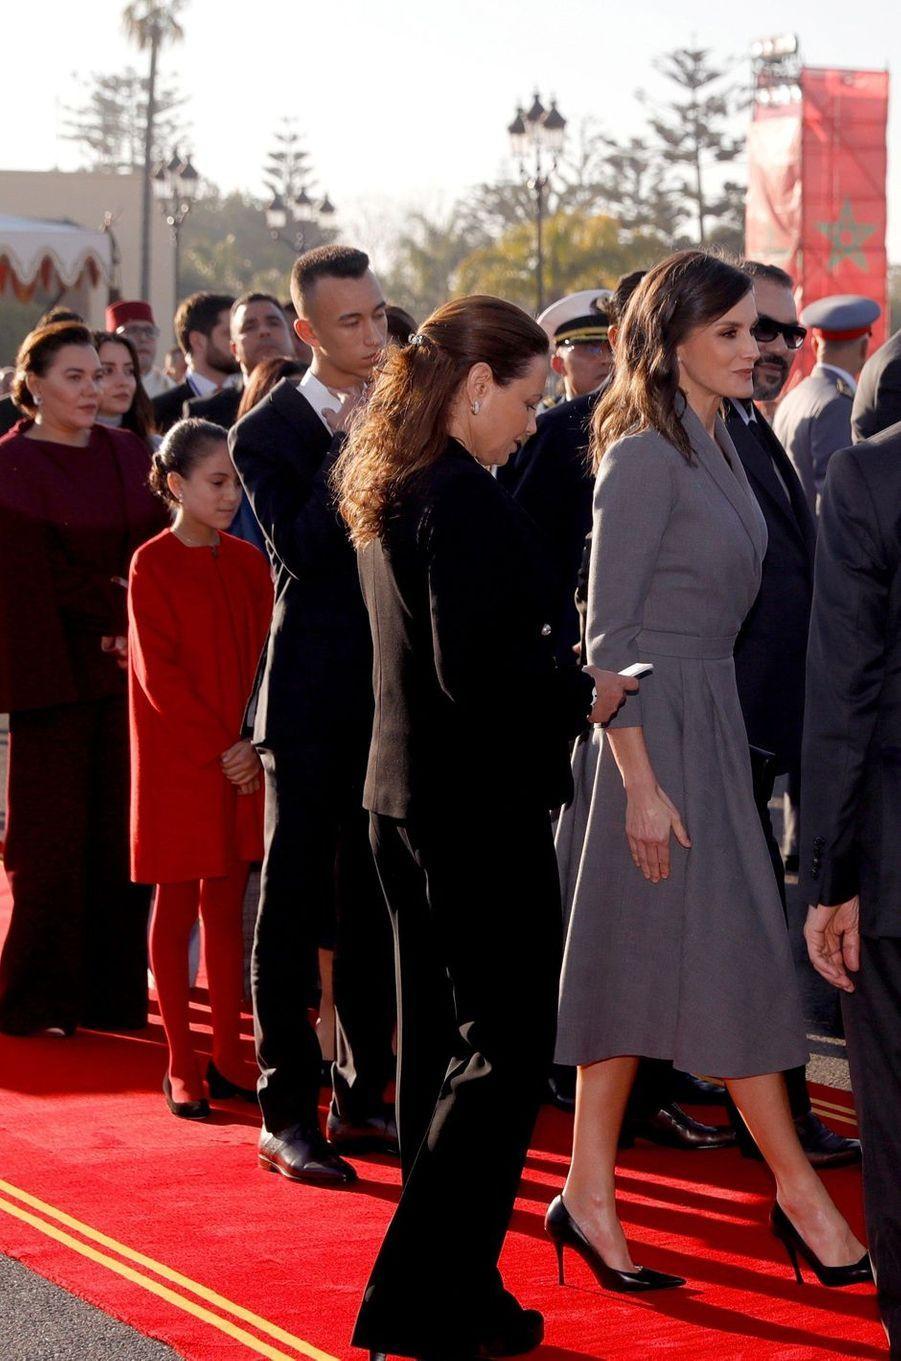 La princesse Lalla Khadija et le prince Moulay El Hassan du Maroc avec leurs tantes et la reine Letizia d'Espagne, à Rabat le 13 février 2019